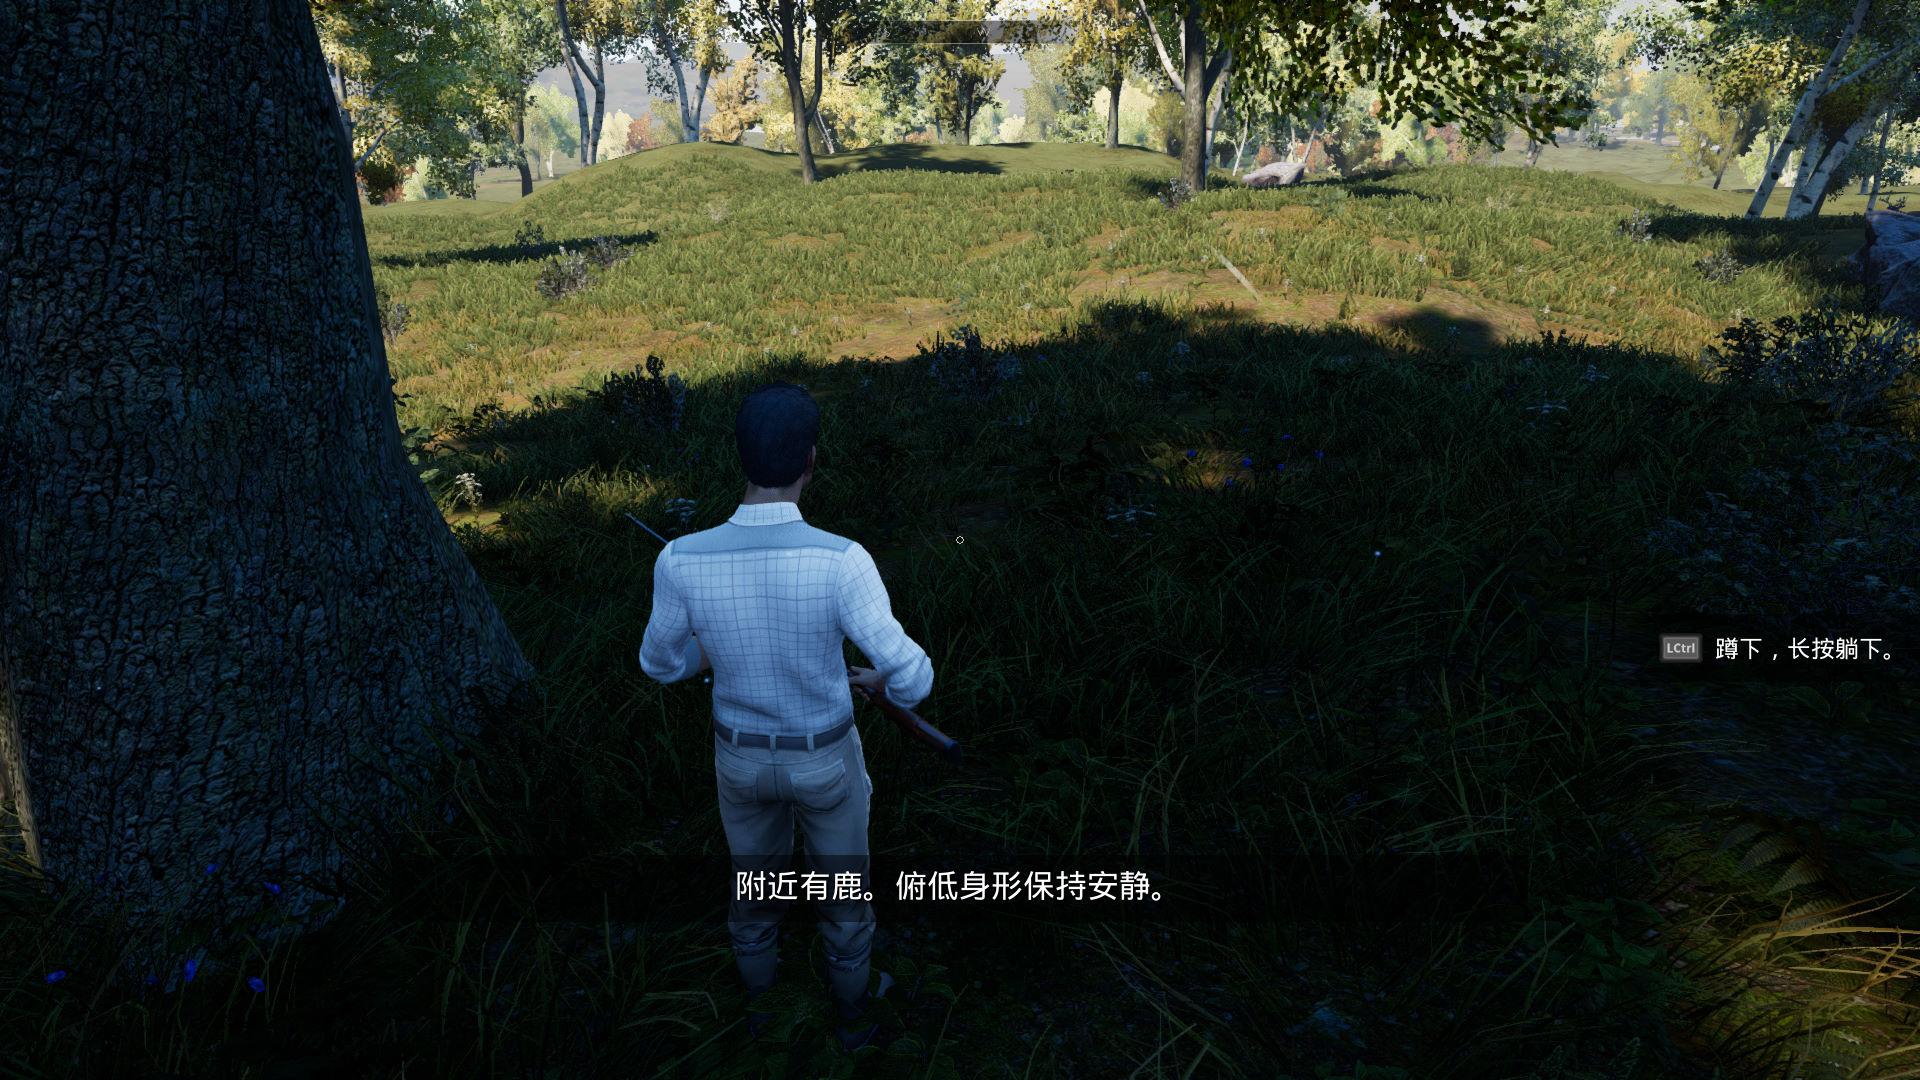 模拟狩猎游戏截图3